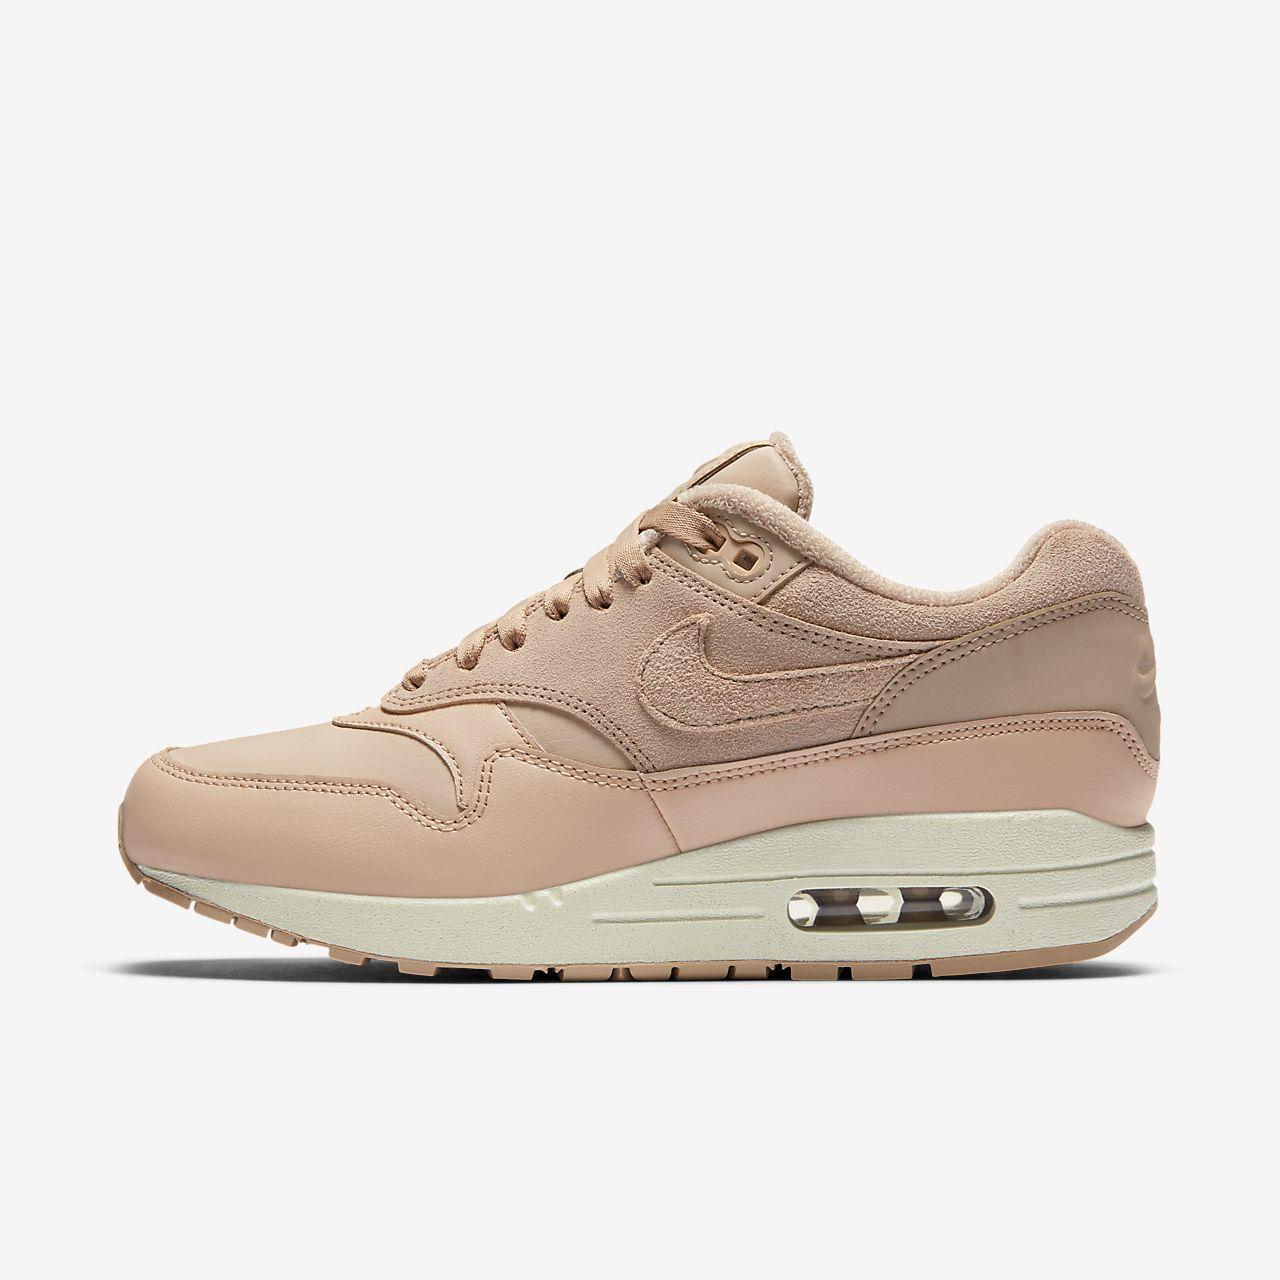 separation shoes d4031 6c5c2 ... Nike Air Max 1 Premium Winterized Women s Shoe